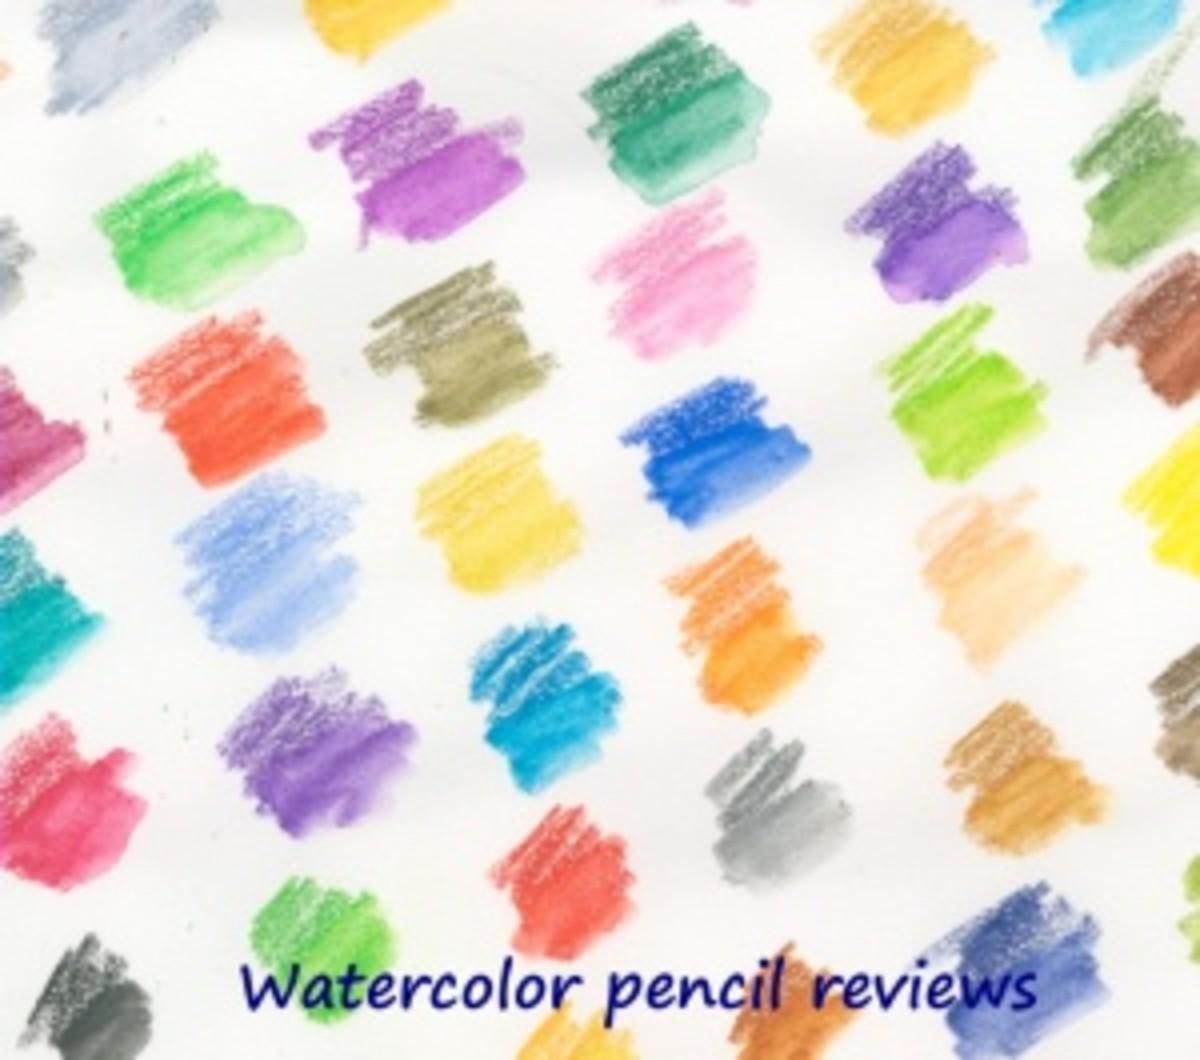 watercolor-pencils-reviews